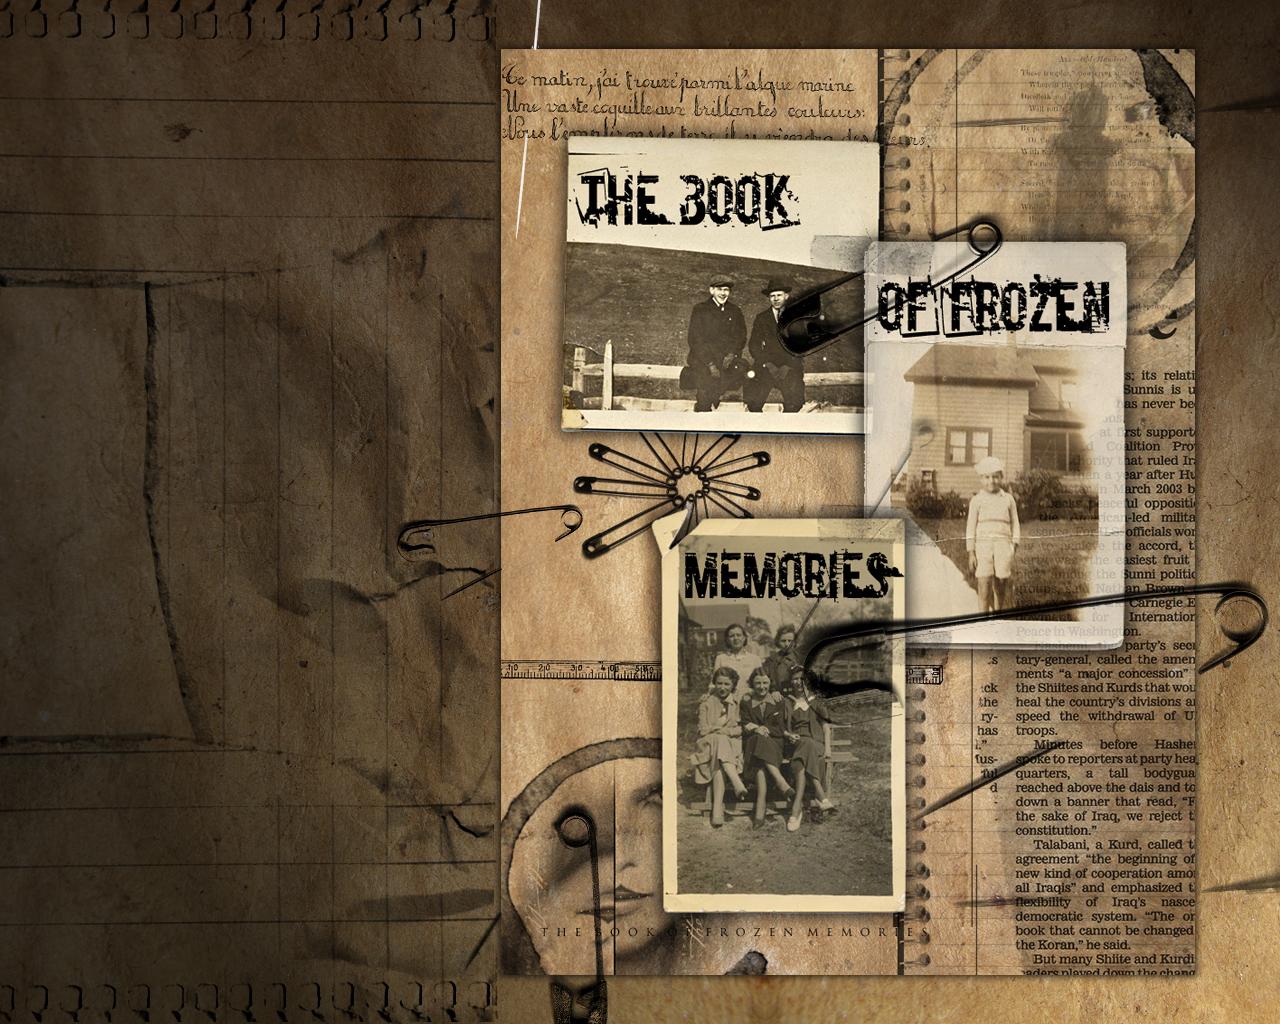 The Book of frozen Memories